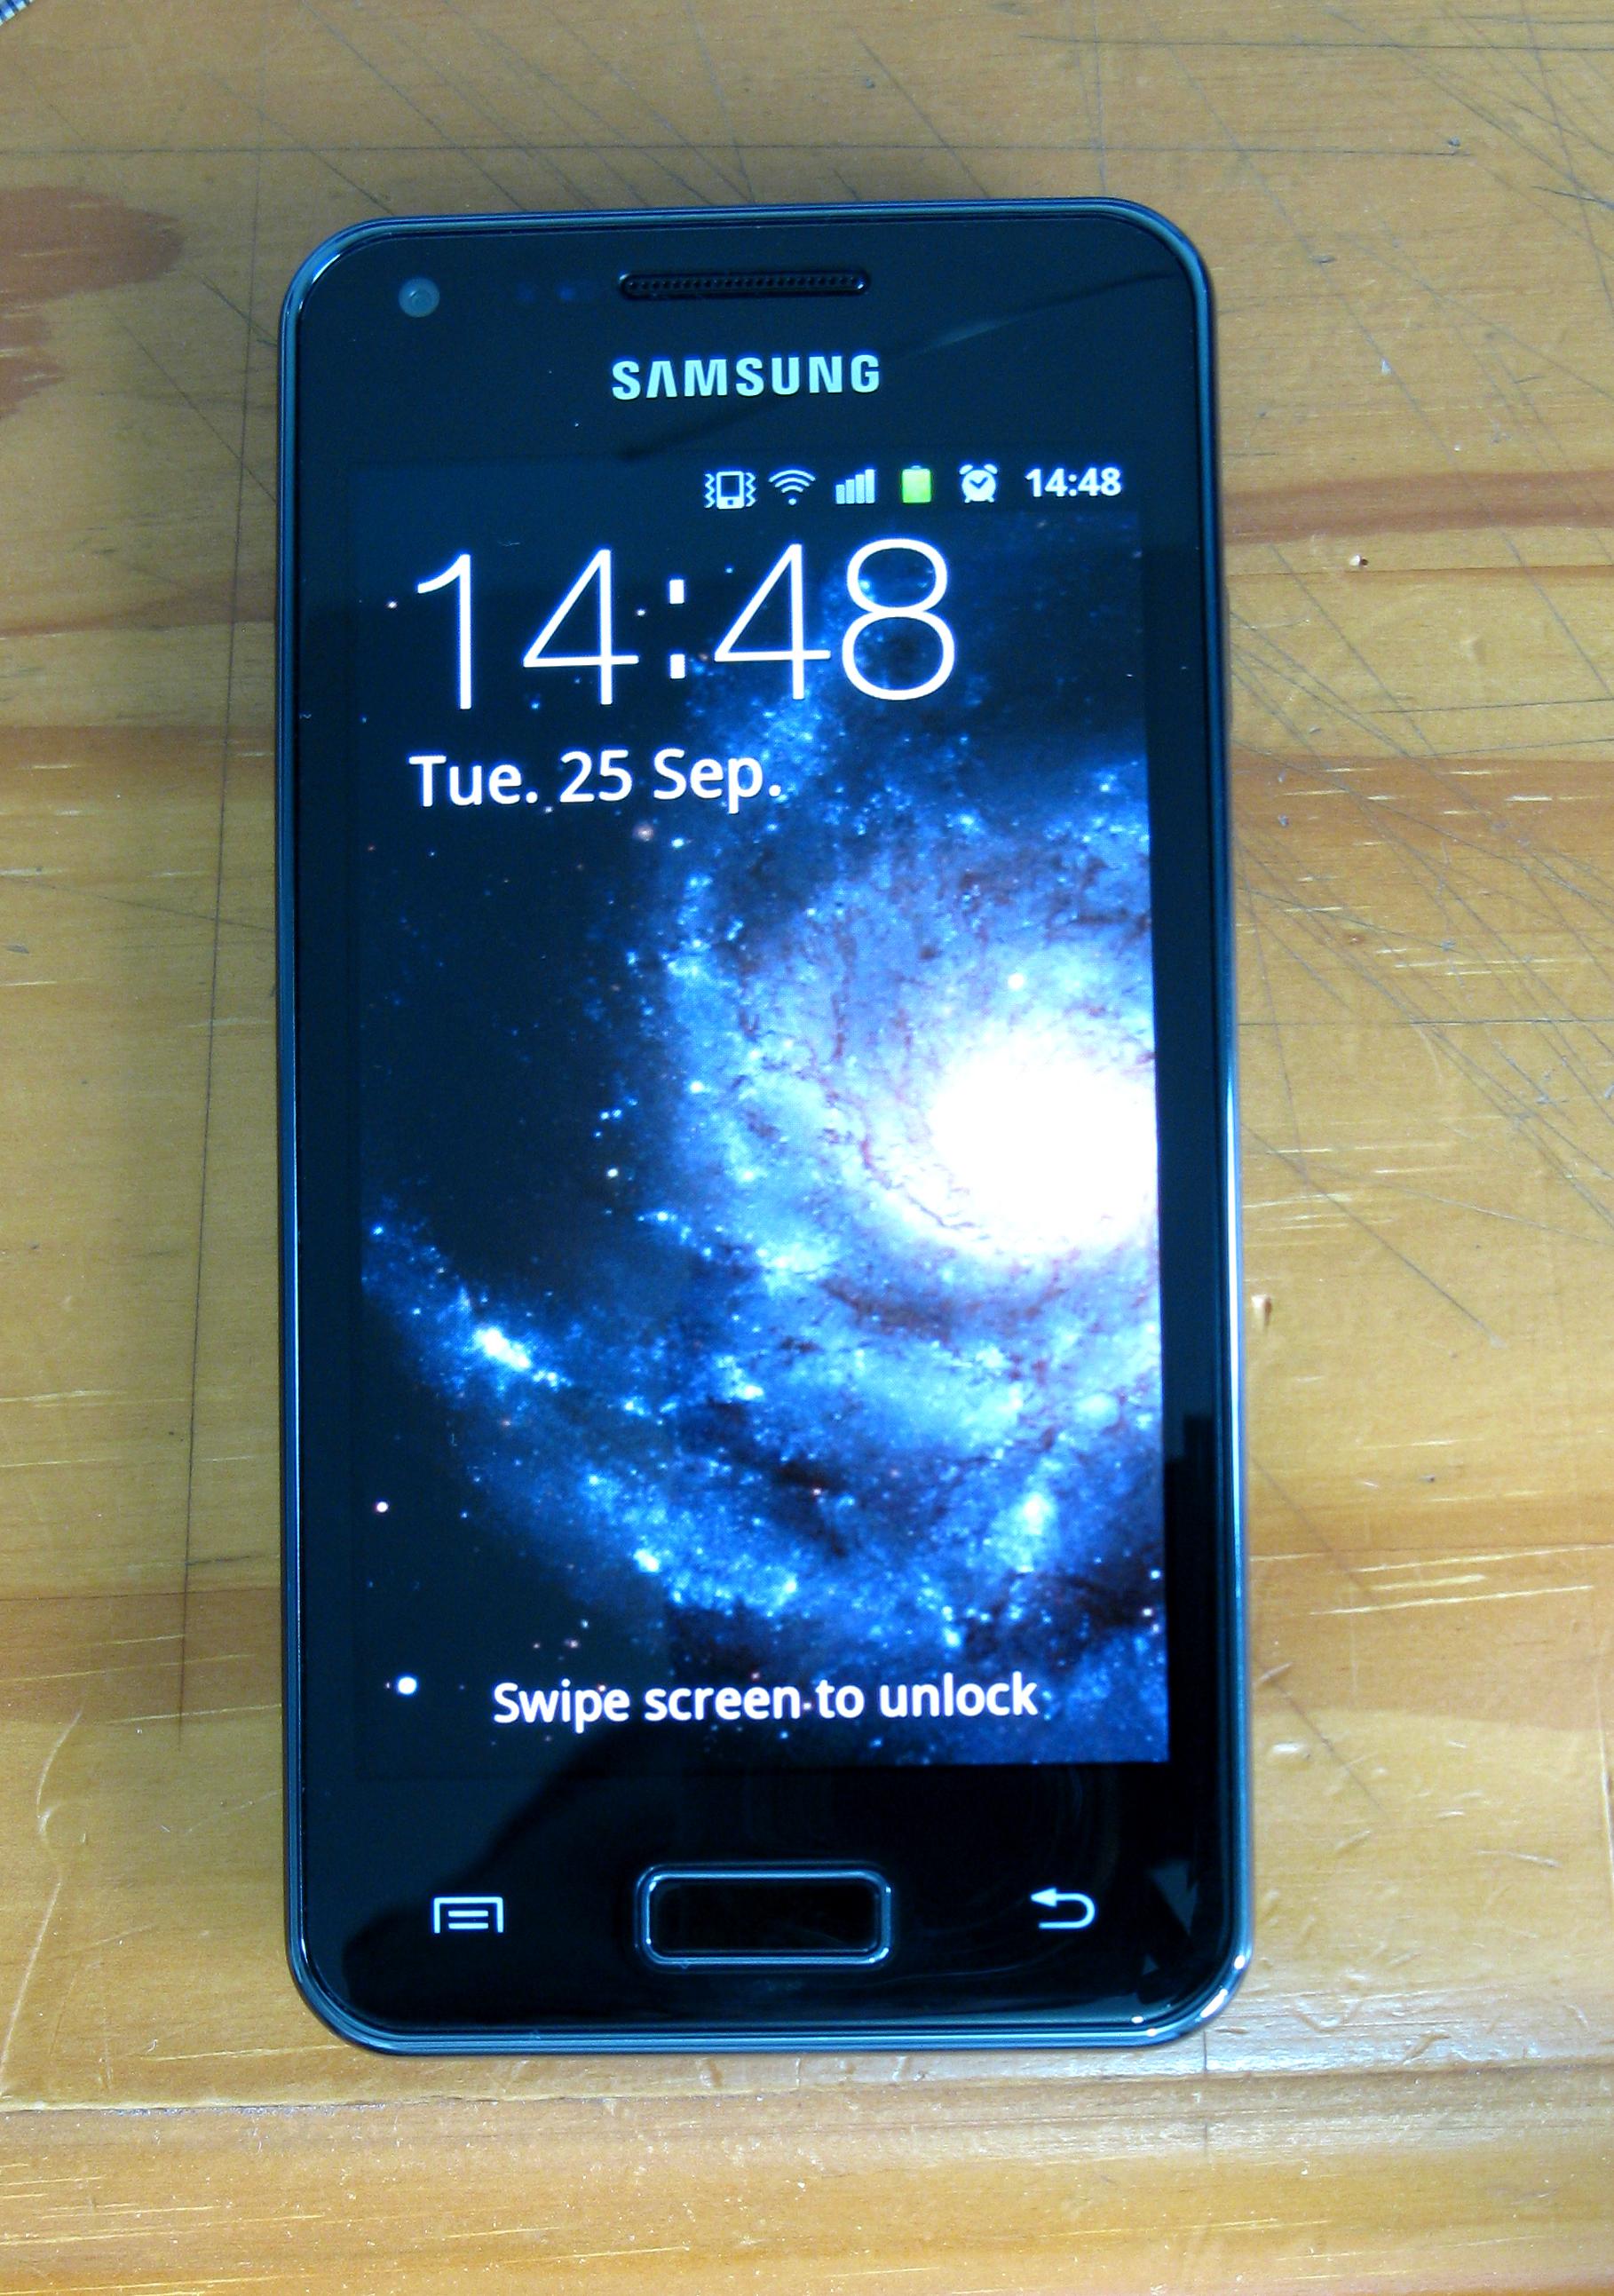 Samsung Galaxy S Advance - Wikipedia